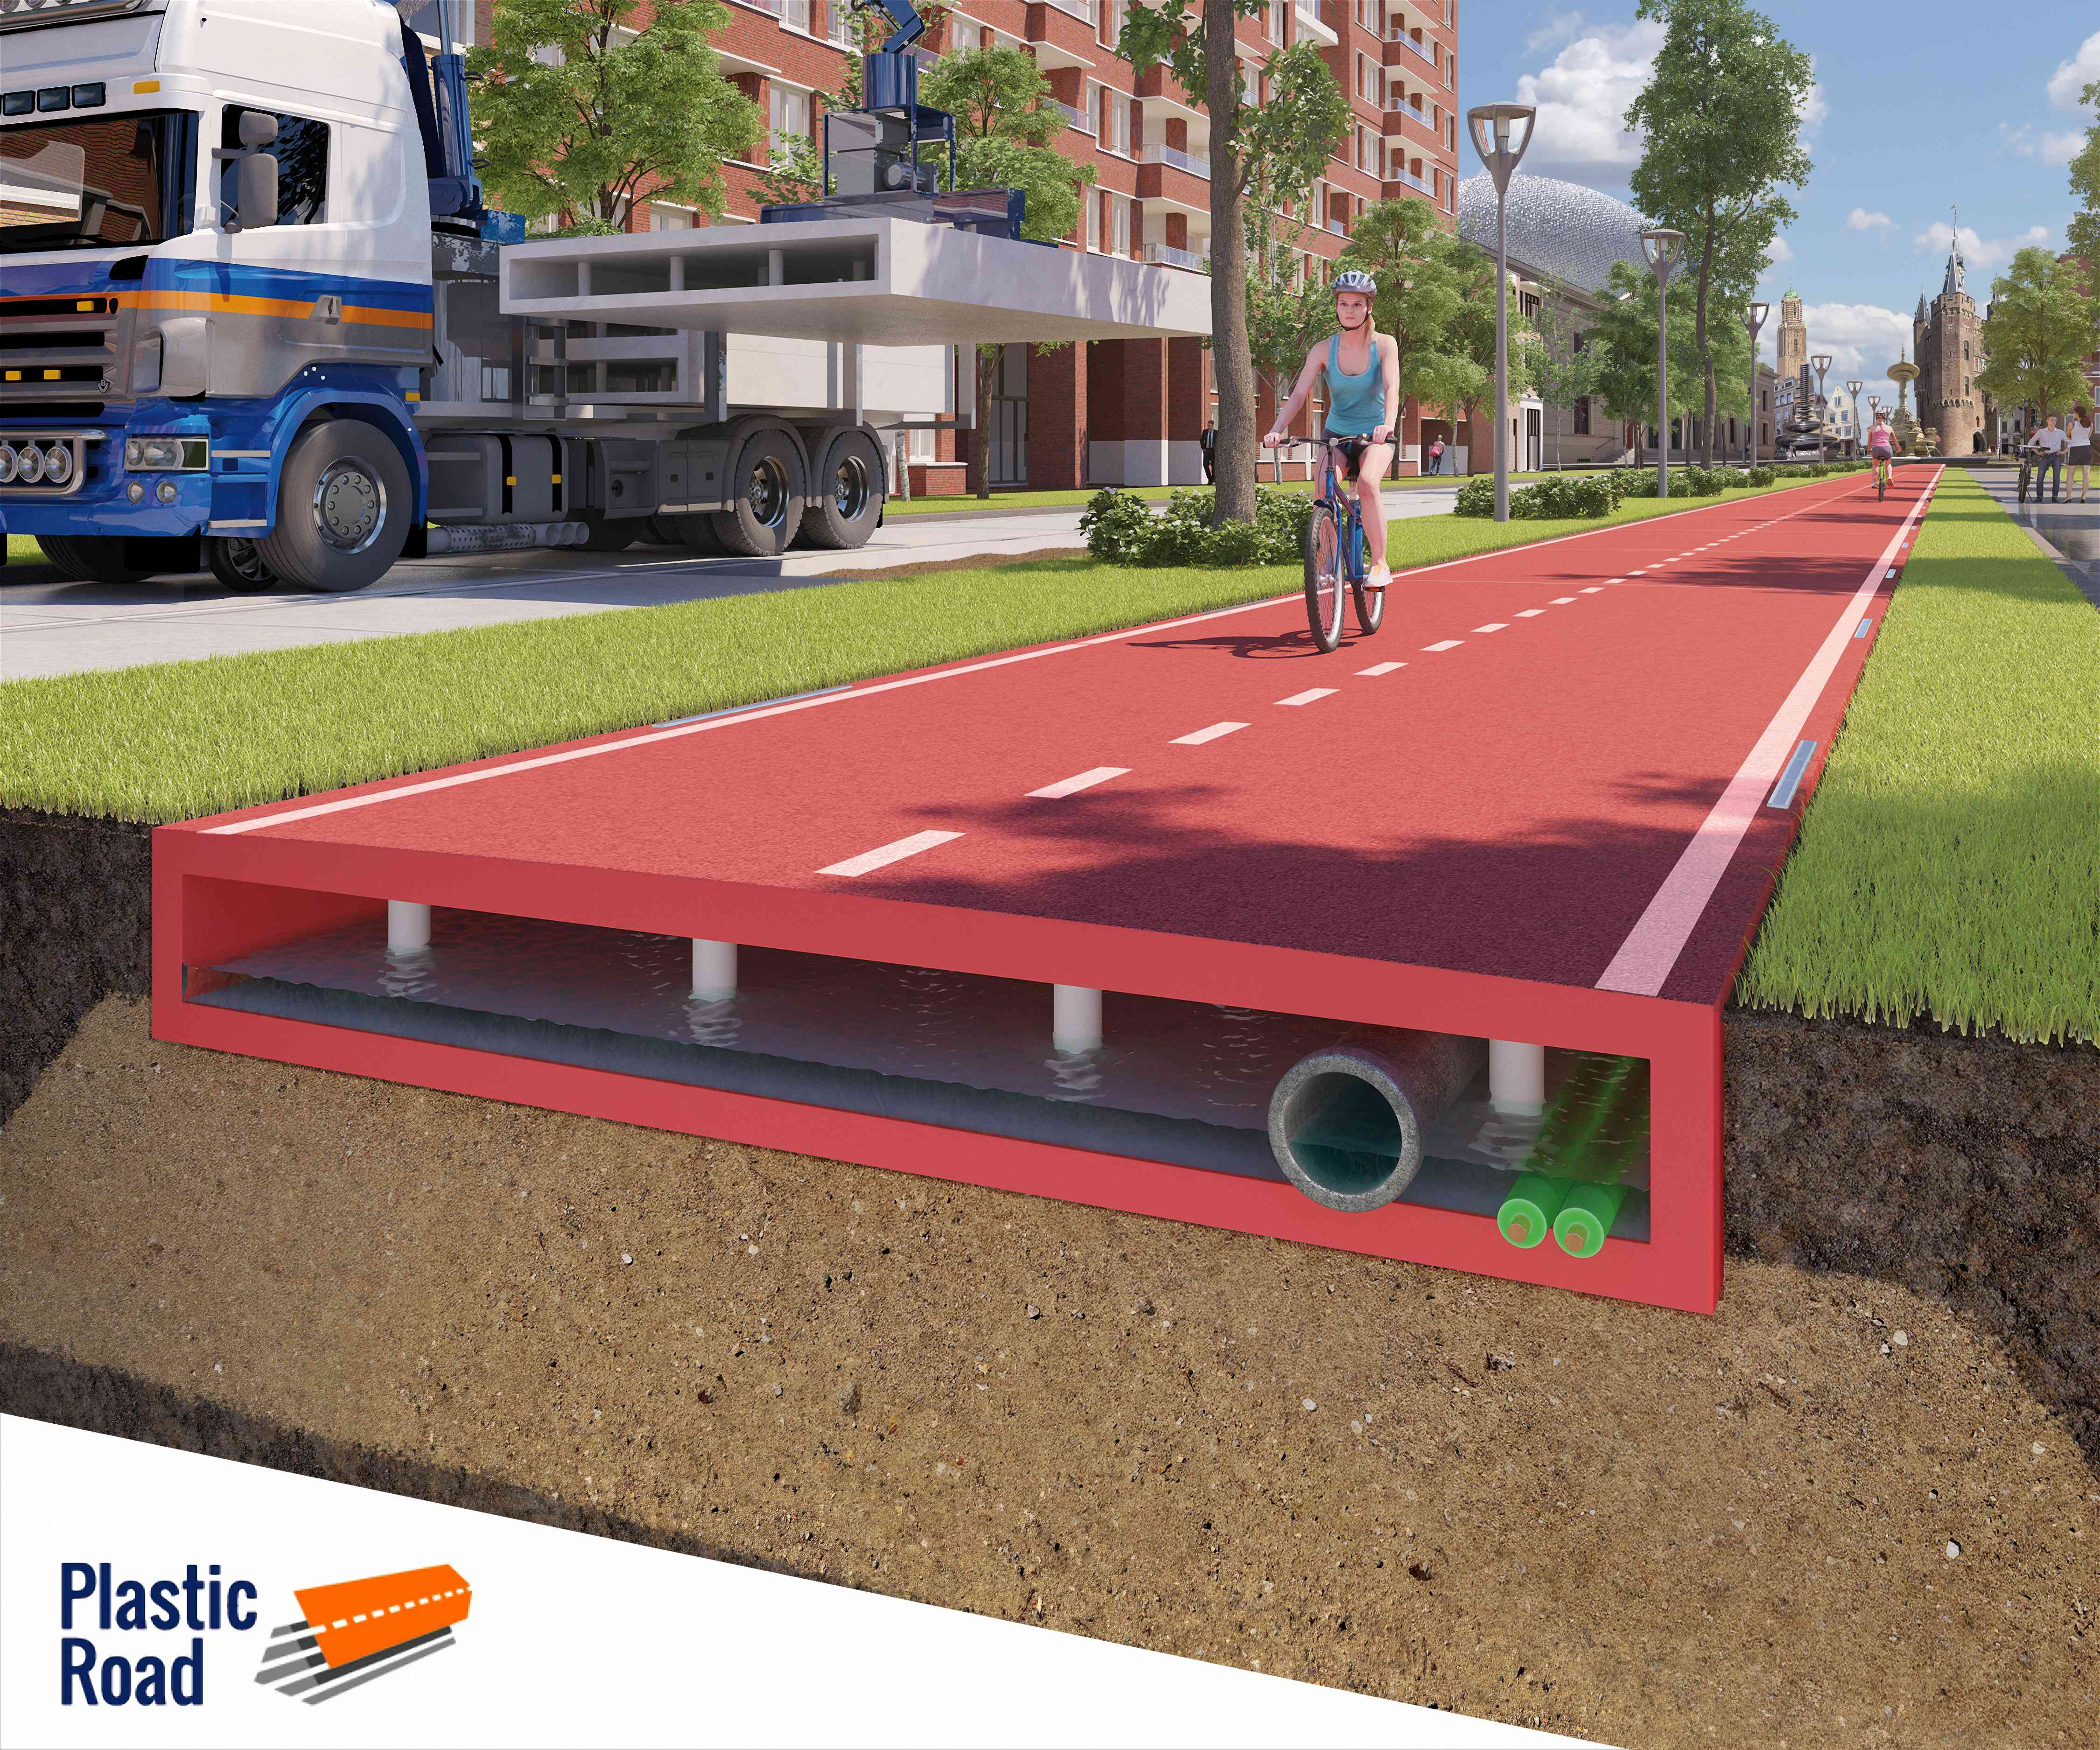 PlasticRoad bike path rendering